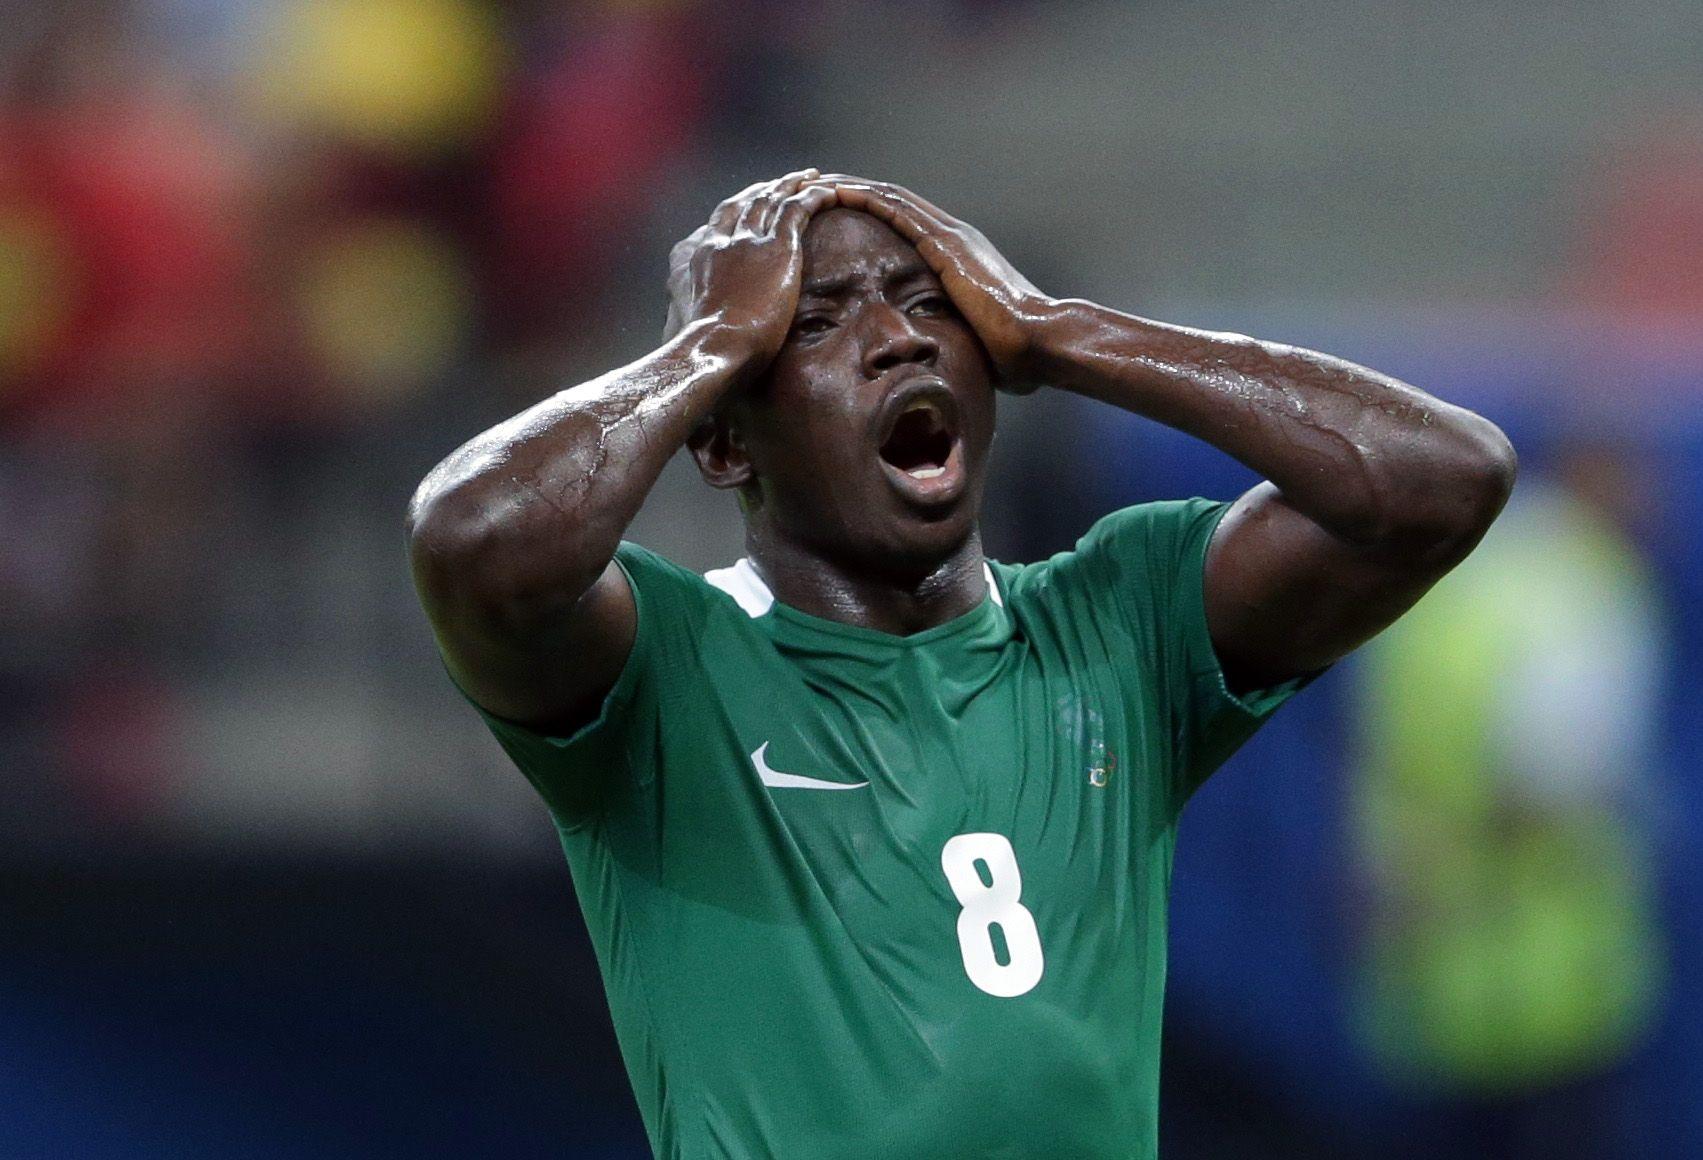 Nigerian footballer Oghenekaro Etebo